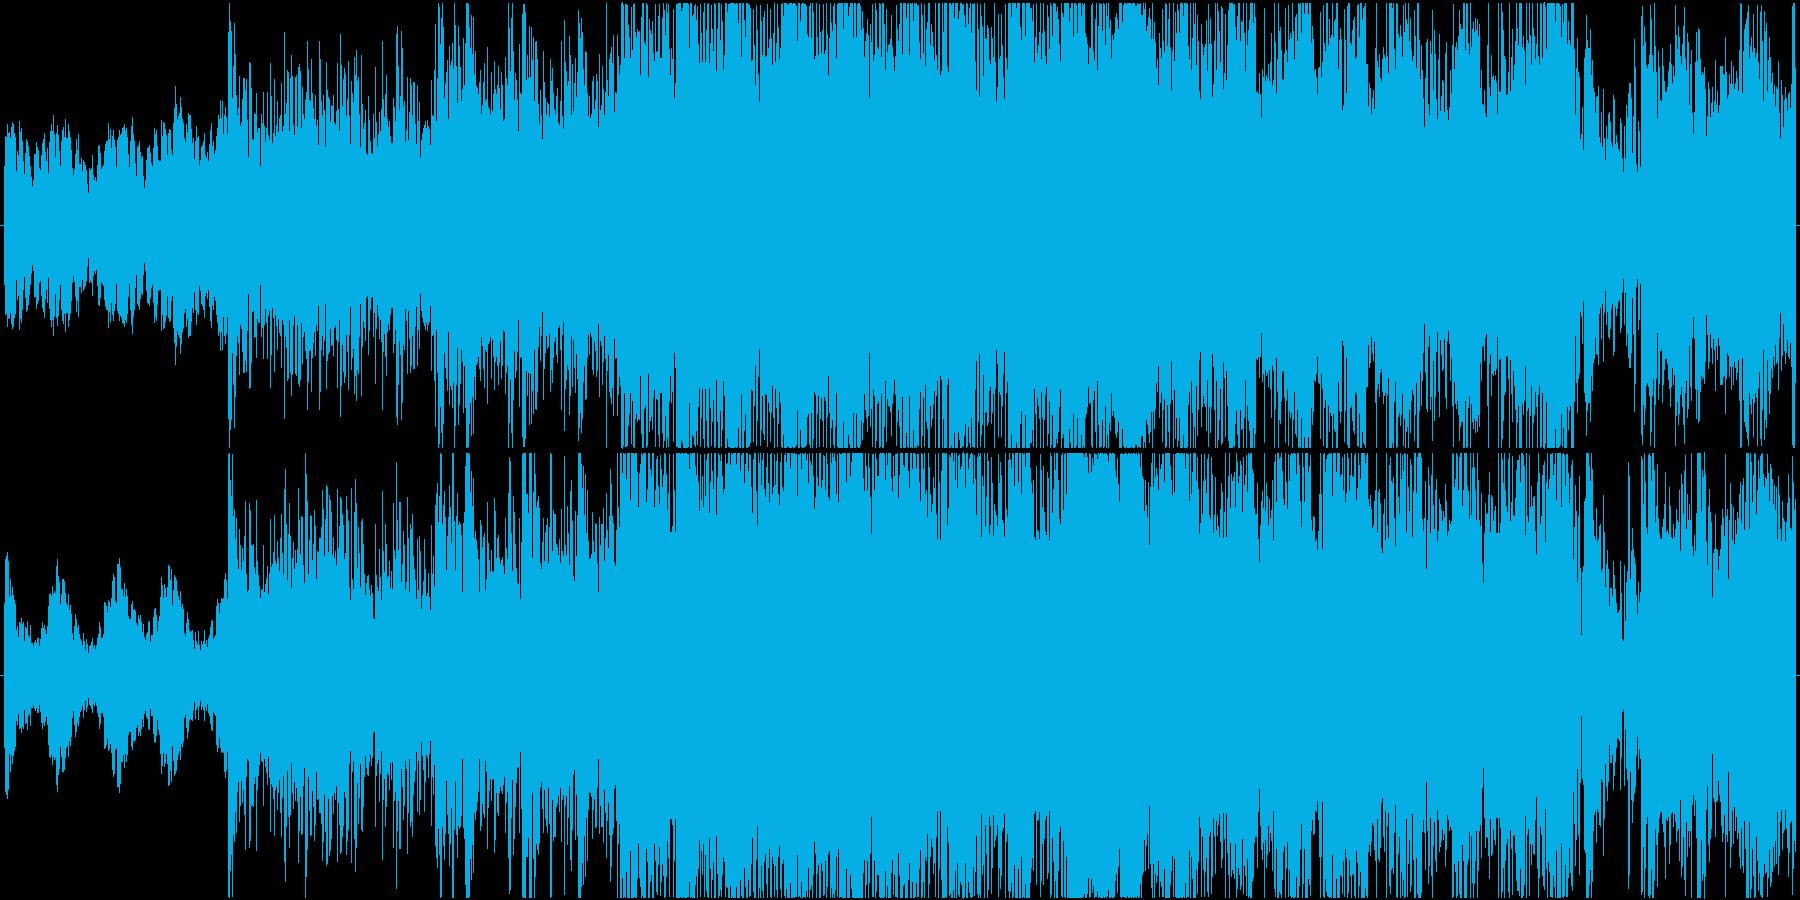 怪しげな雰囲気のテクノ風ハウスの再生済みの波形